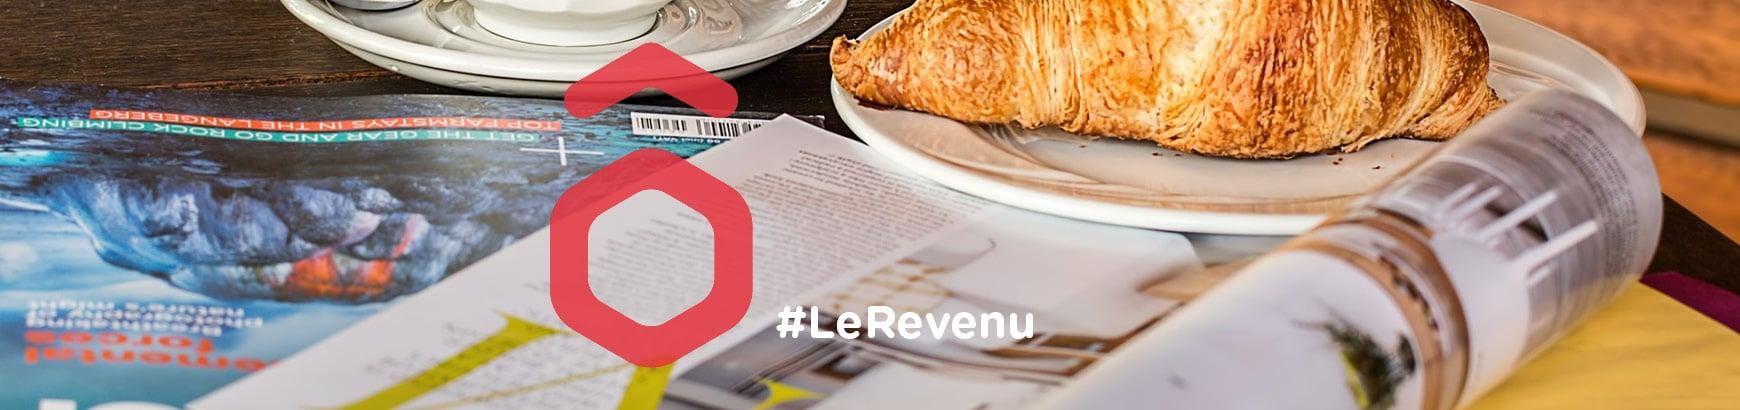 Le Revenu | Maisons France Confort devient Hexaom